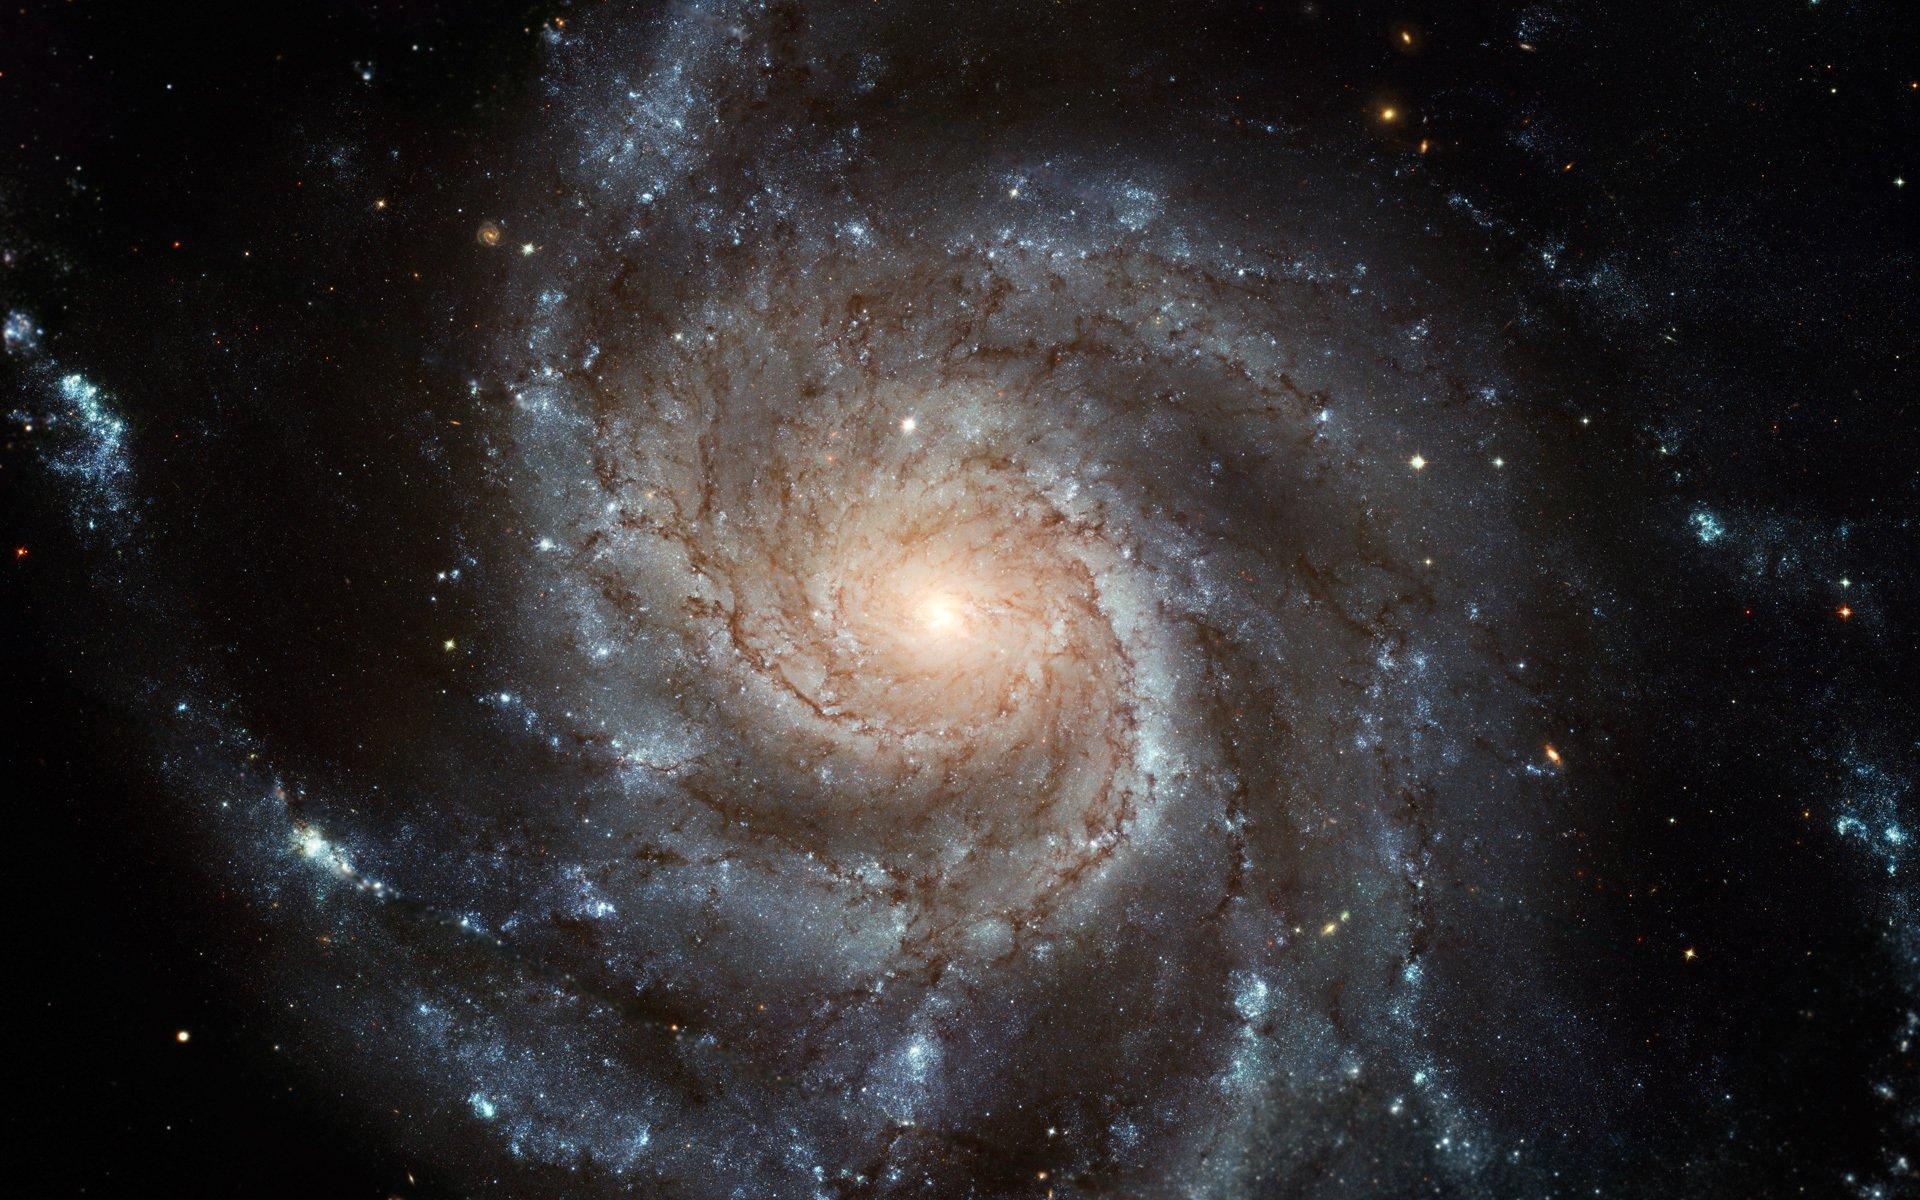 10 самых удивительных галактик во вселенной   new-science.ru